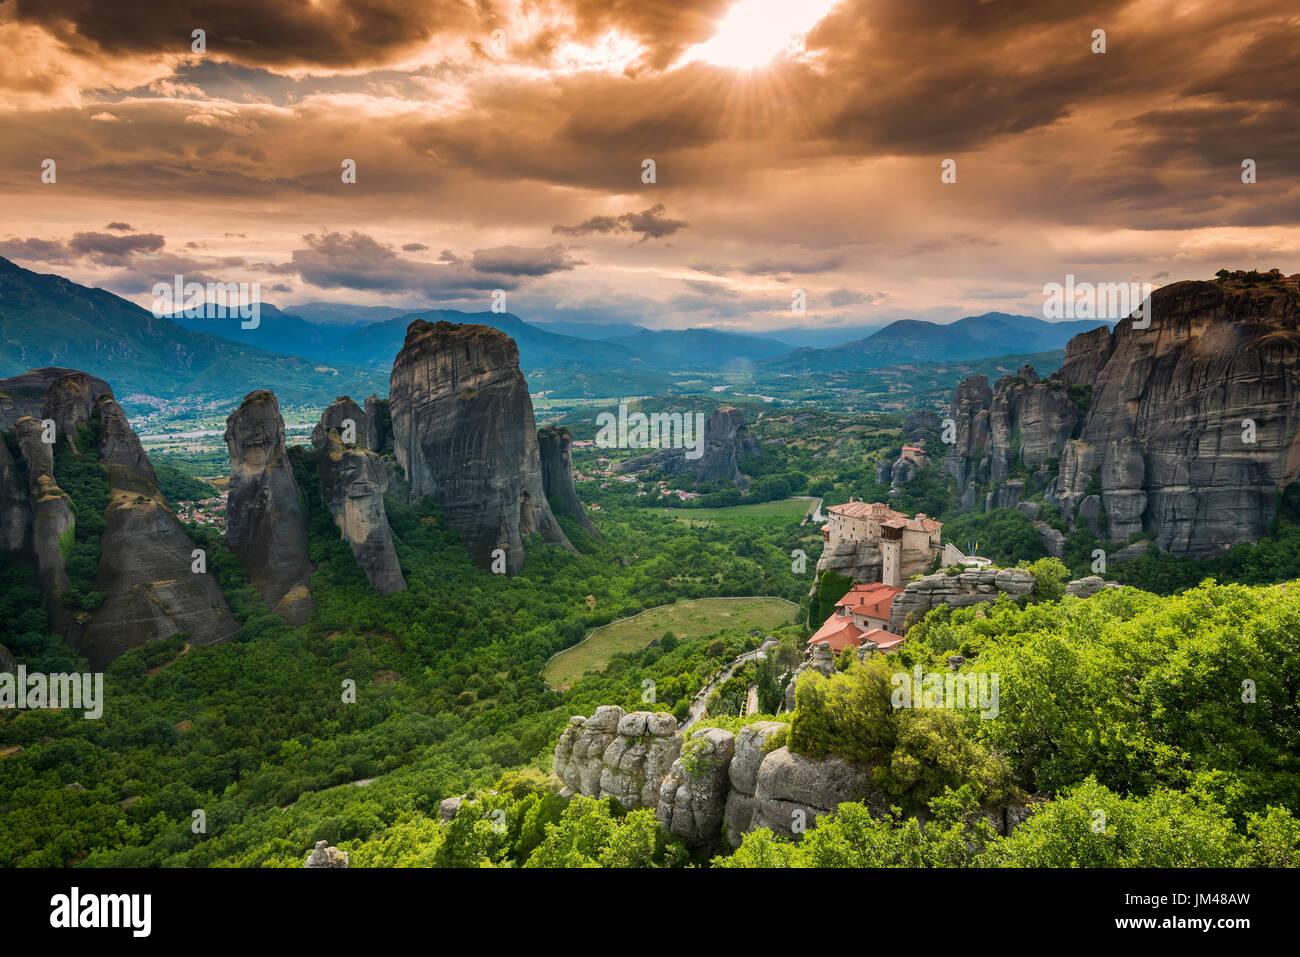 Coucher du soleil sur le Monastère de Moni Agias Varvaras Roussanou et le massif rocheux escarpés spectaculaire des météores, Thessalie, Grèce Photo Stock